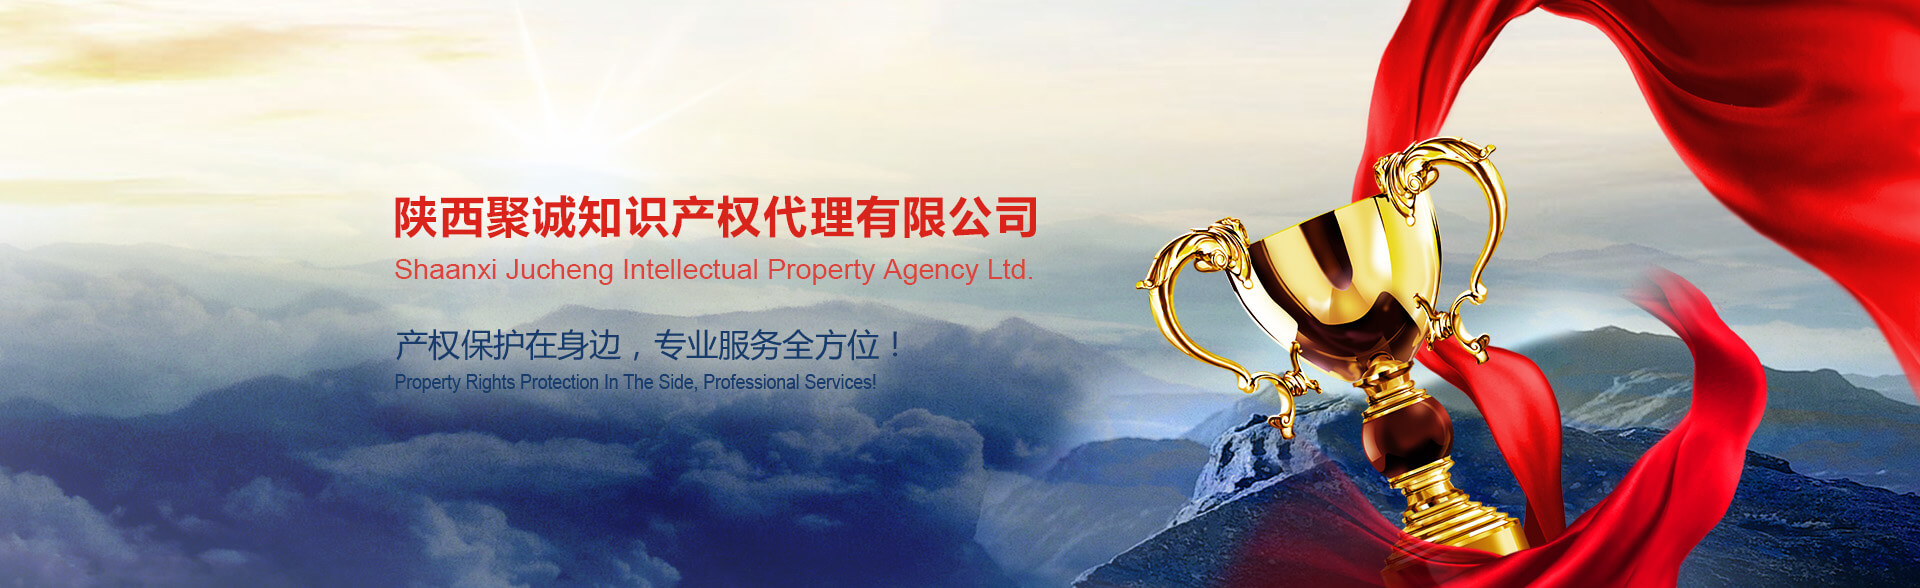 西安商标注册,西安专利申请_关于调整专利公开公告出版周期的公告_第一张图片